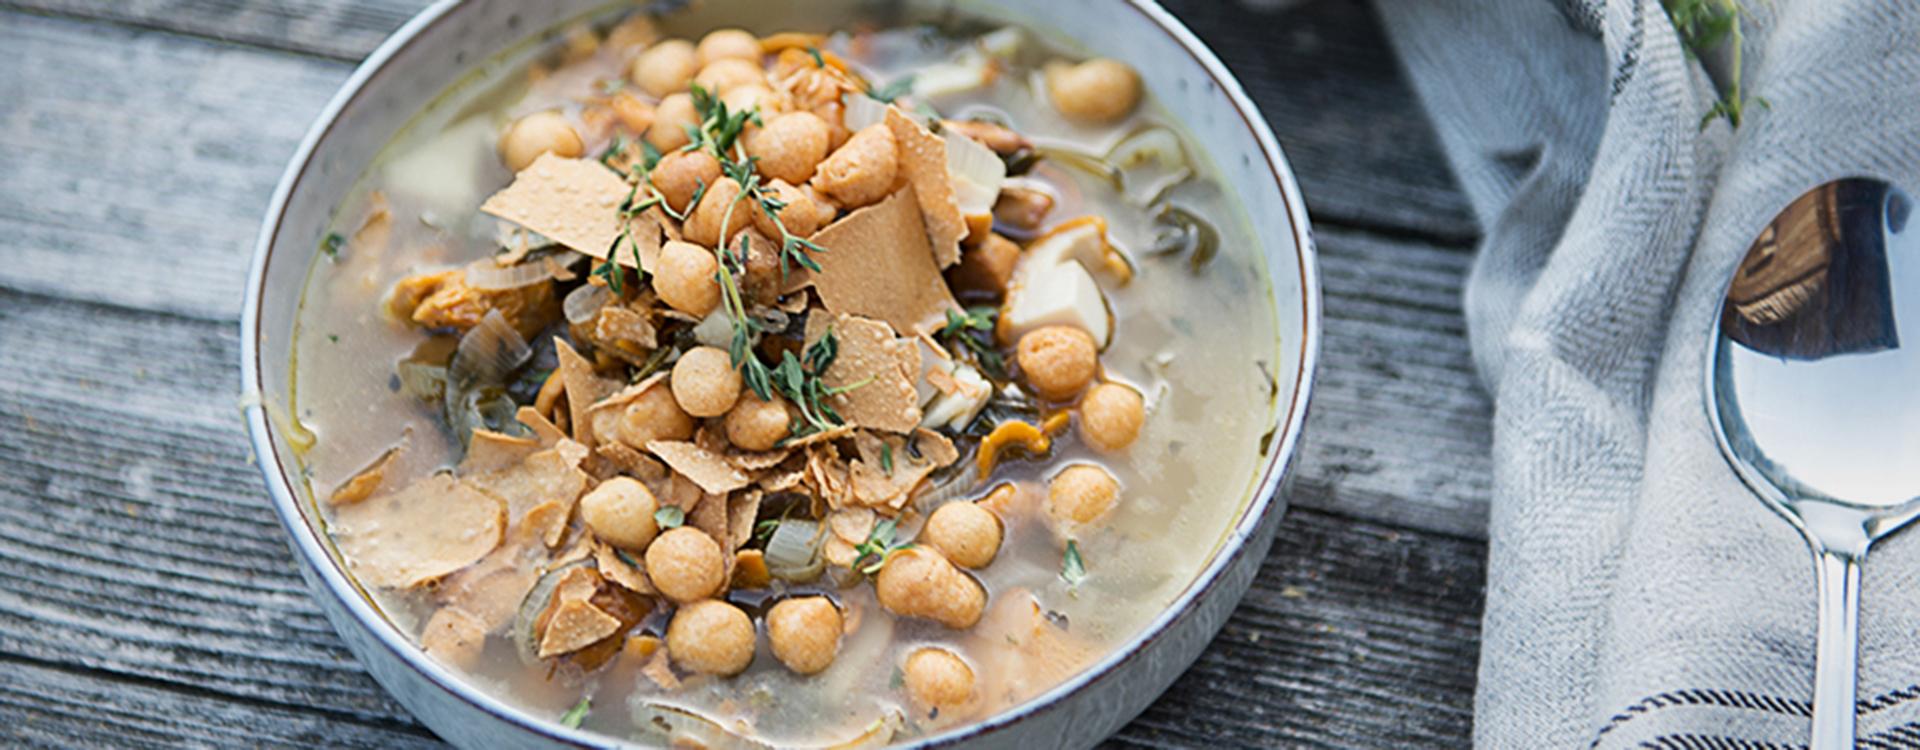 Pilzsuppe mit knusprigen Strudelblättern & Backerbsen